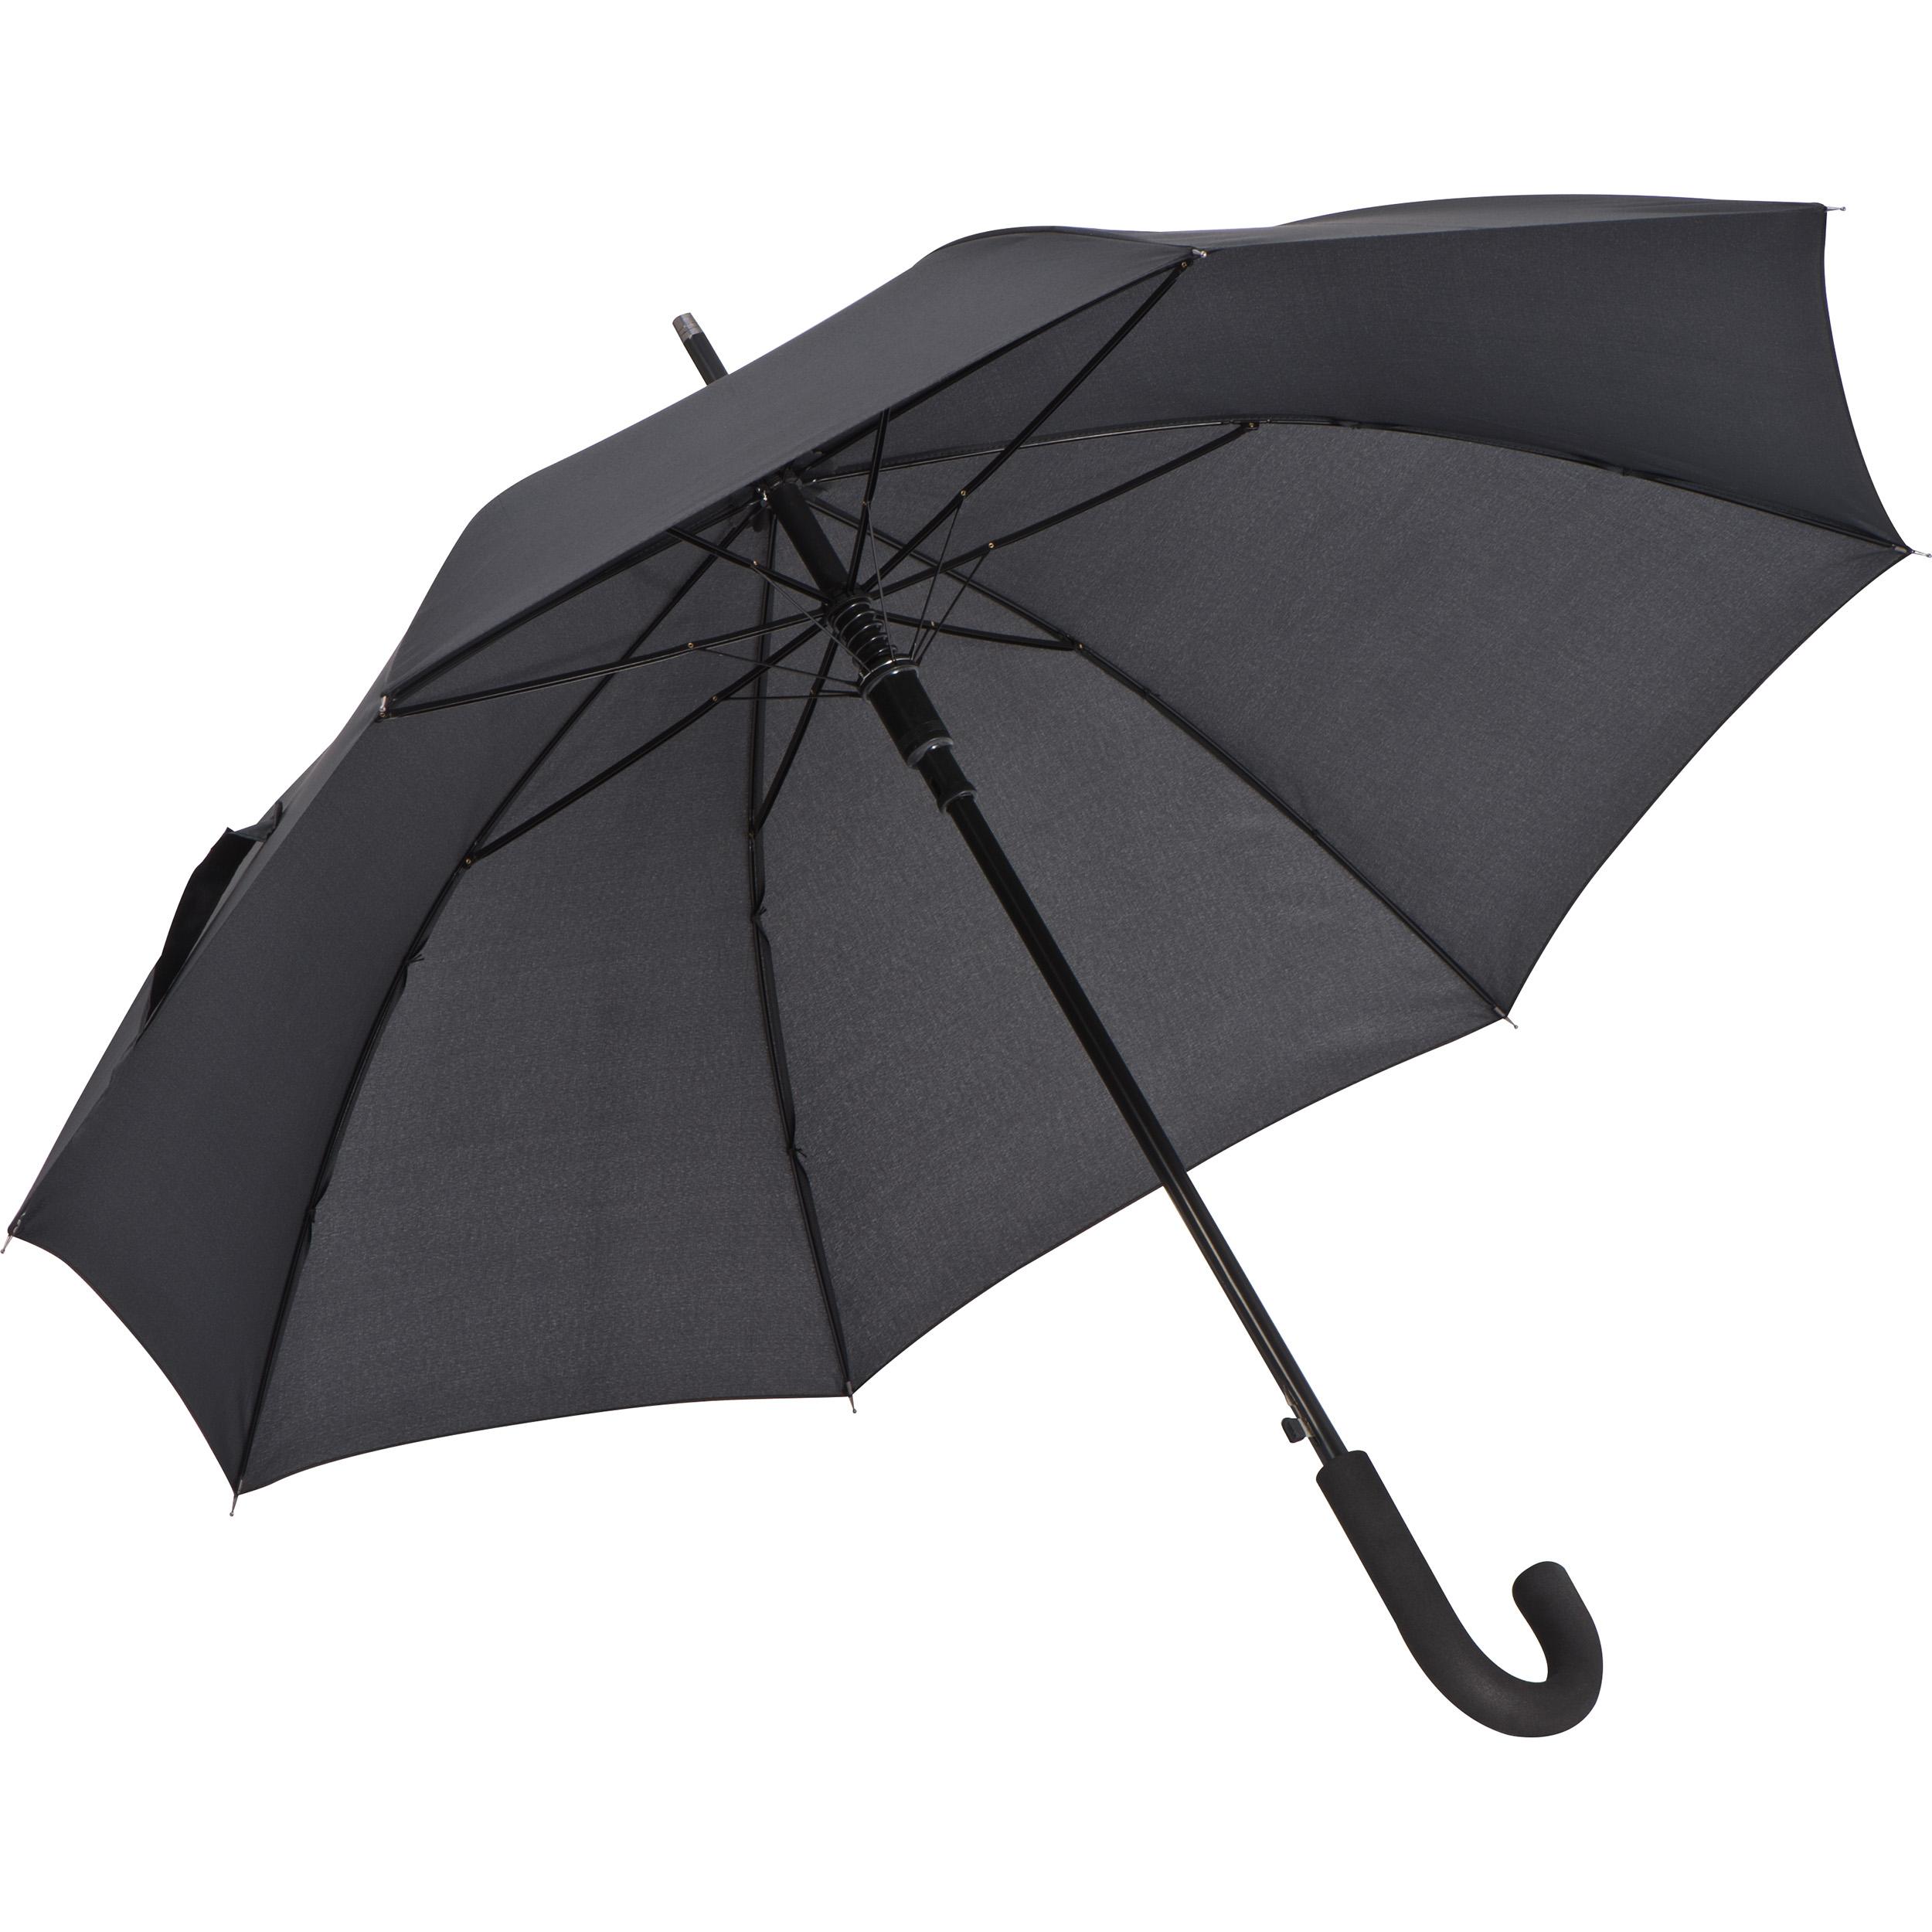 Parapluie automatique XL, tige aluminium